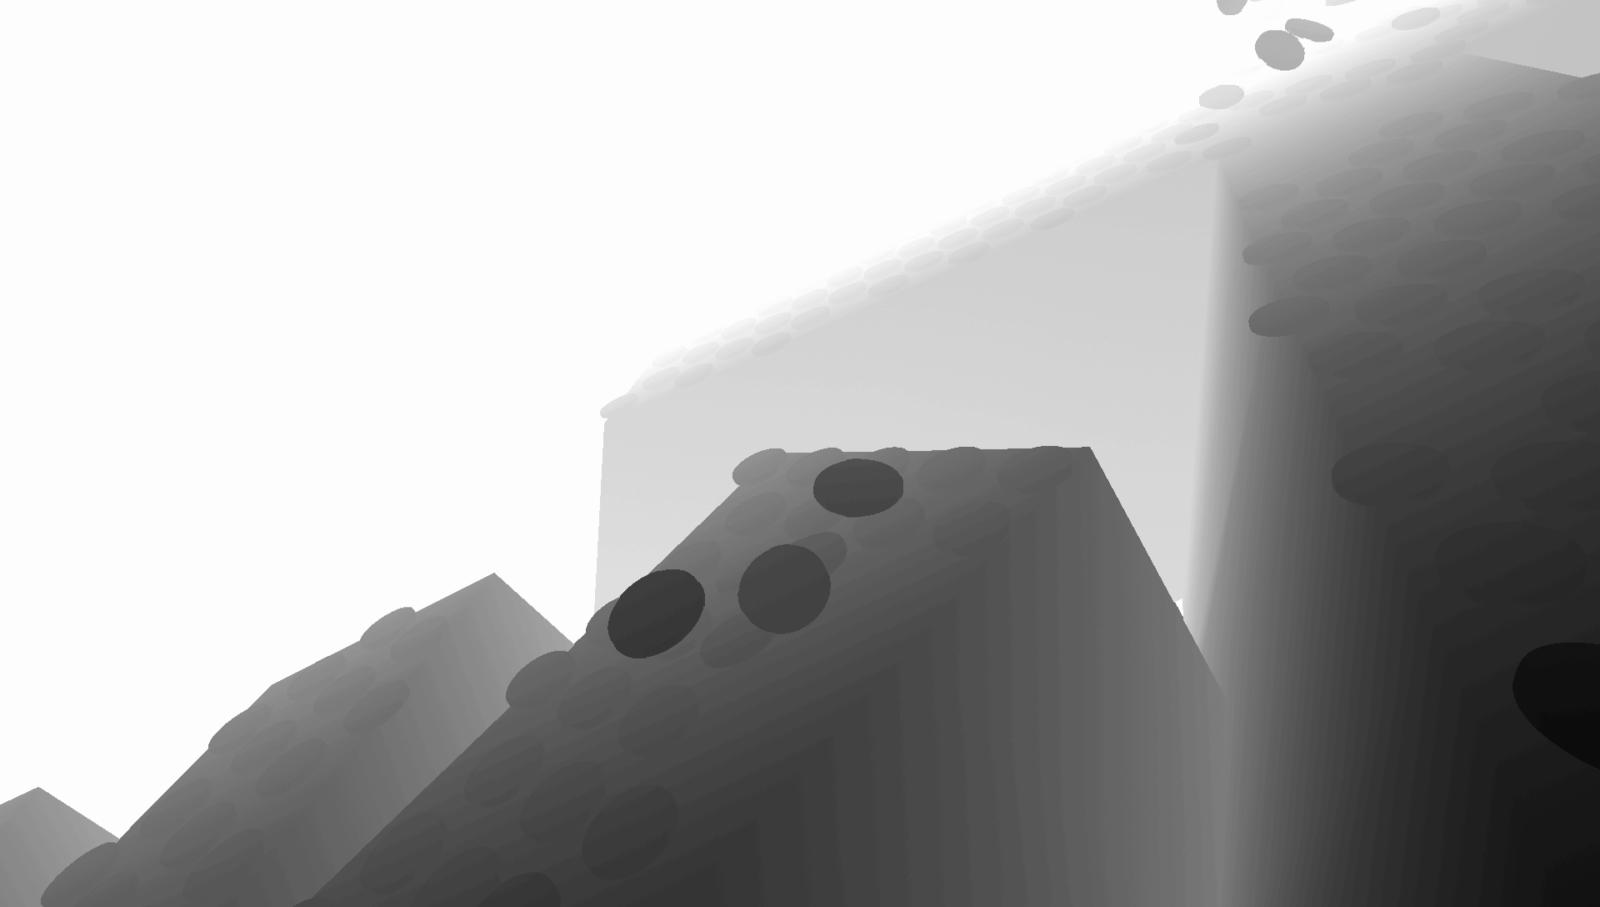 vlcsnap-2016-12-18-22h37m13s105